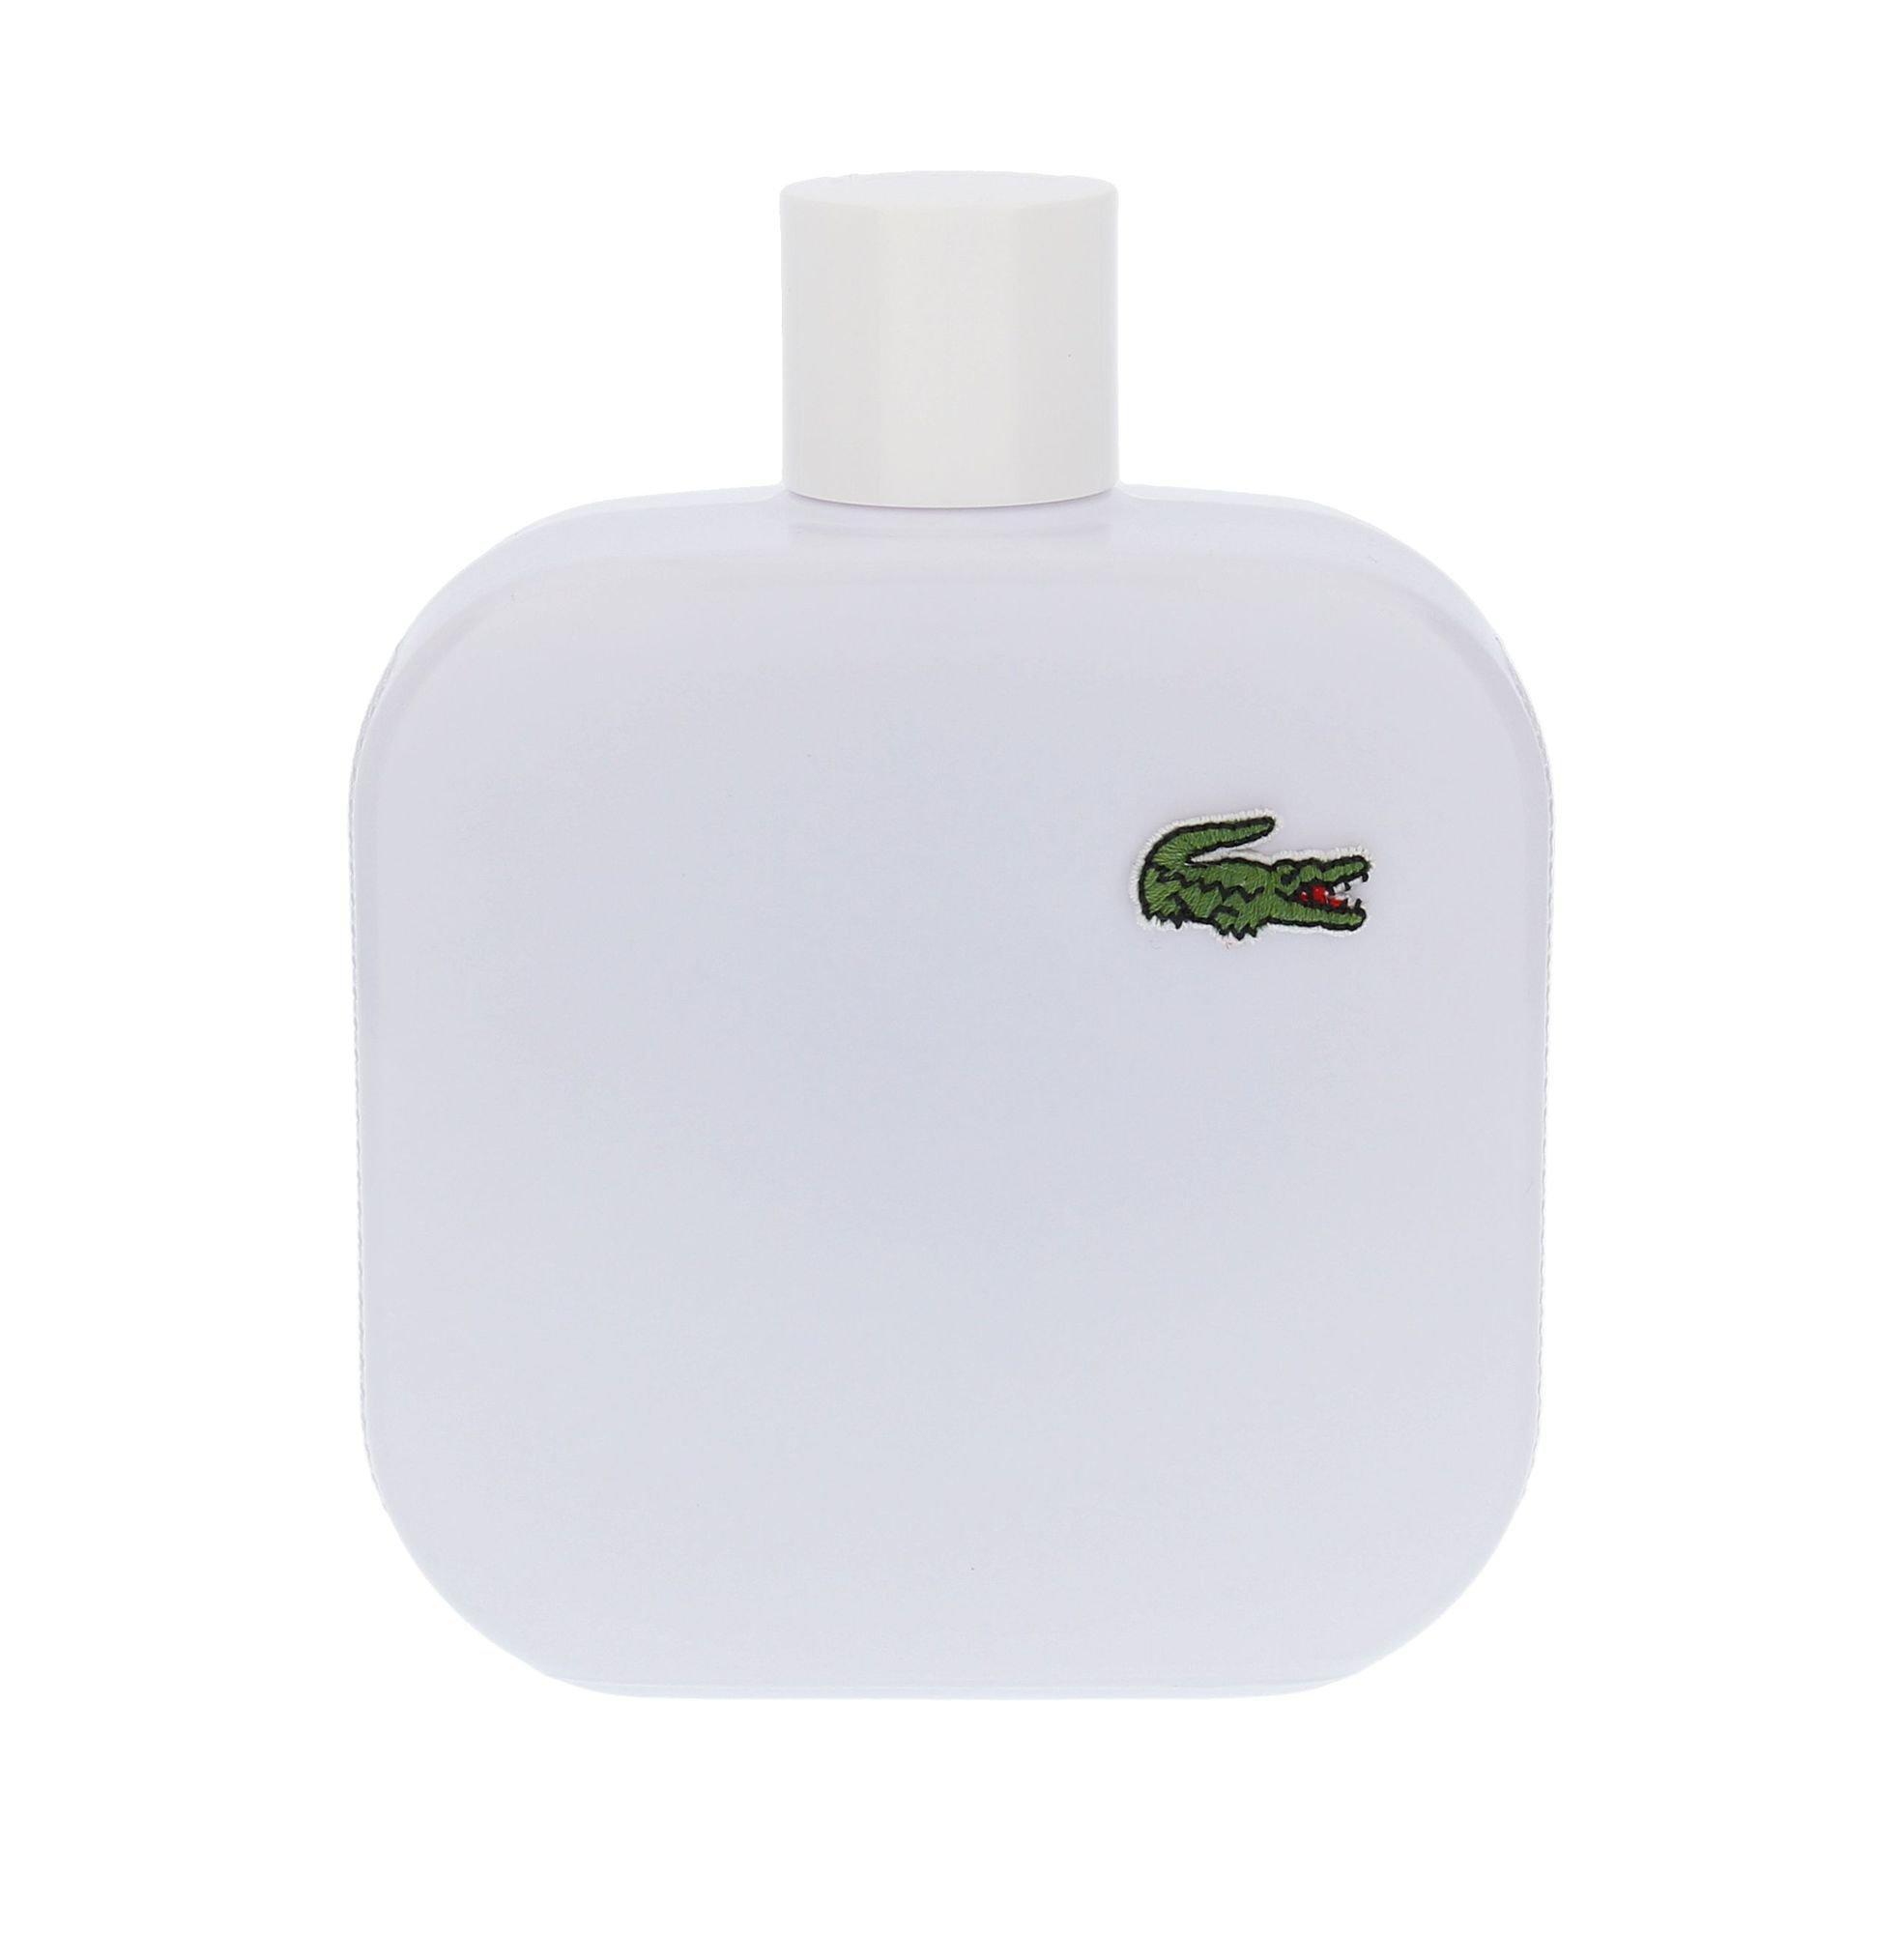 Lacoste Eau De Lacoste L.12.12 Blanc, Toaletná voda 175ml